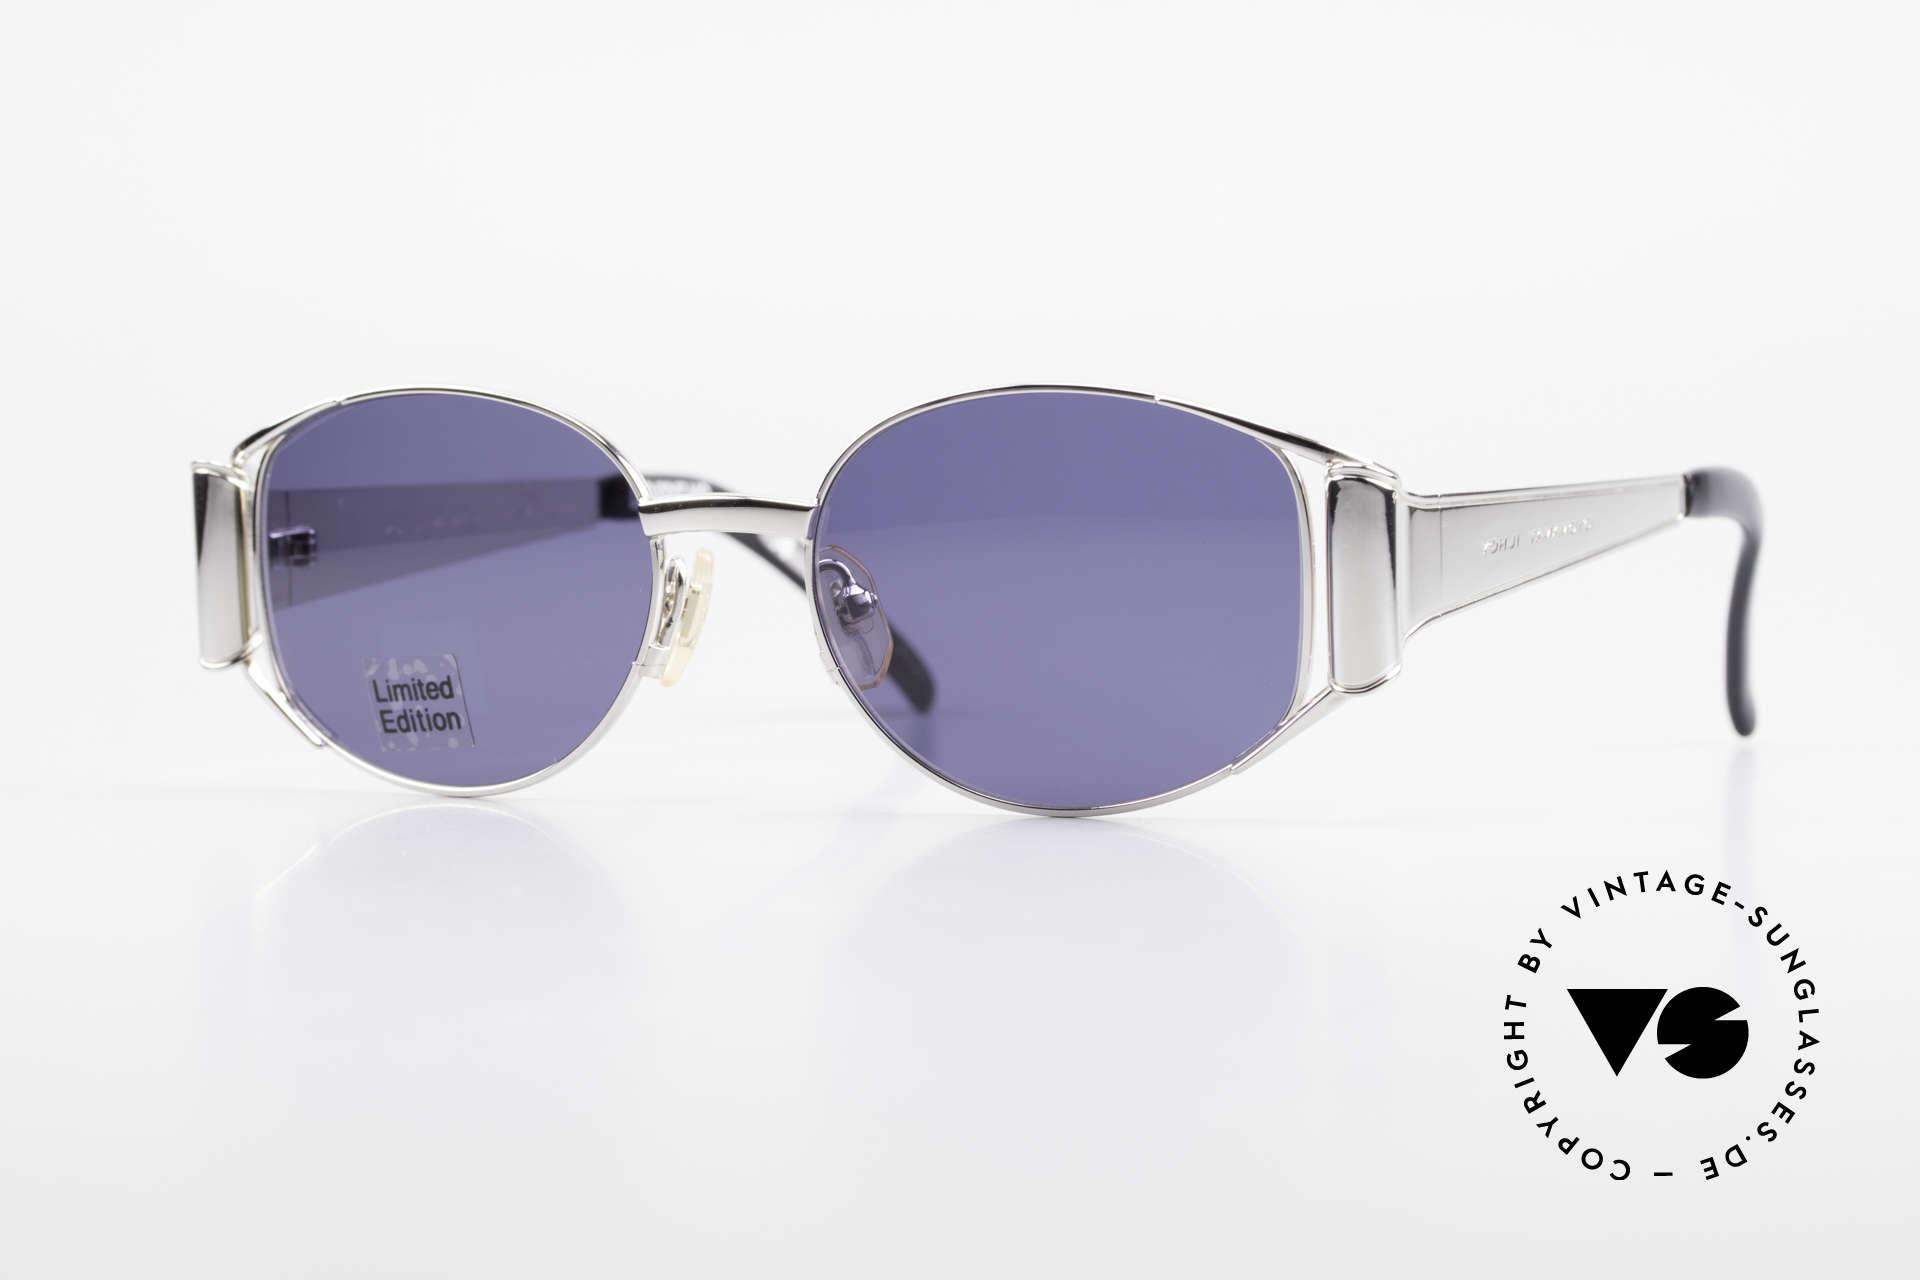 Yohji Yamamoto 52-5107 Limitierte Avantgarde Brille, einzigartige vintage Sonnenbrille von Yohji Yamamoto, Passend für Herren und Damen